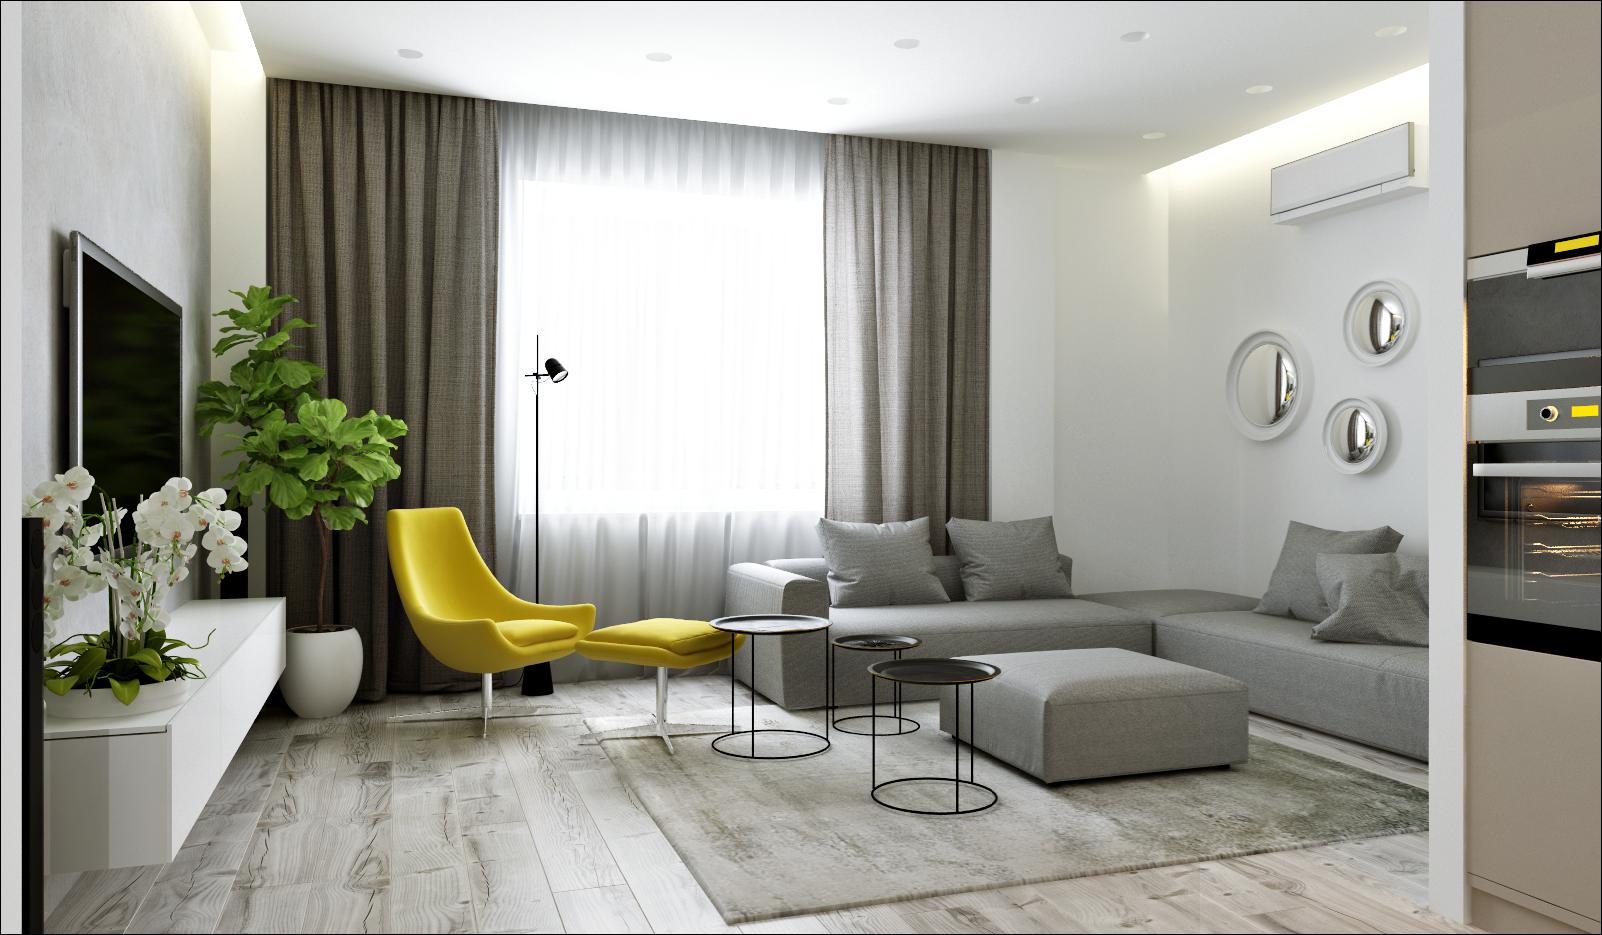 Готовый дизайн квартиры 60 кв.м